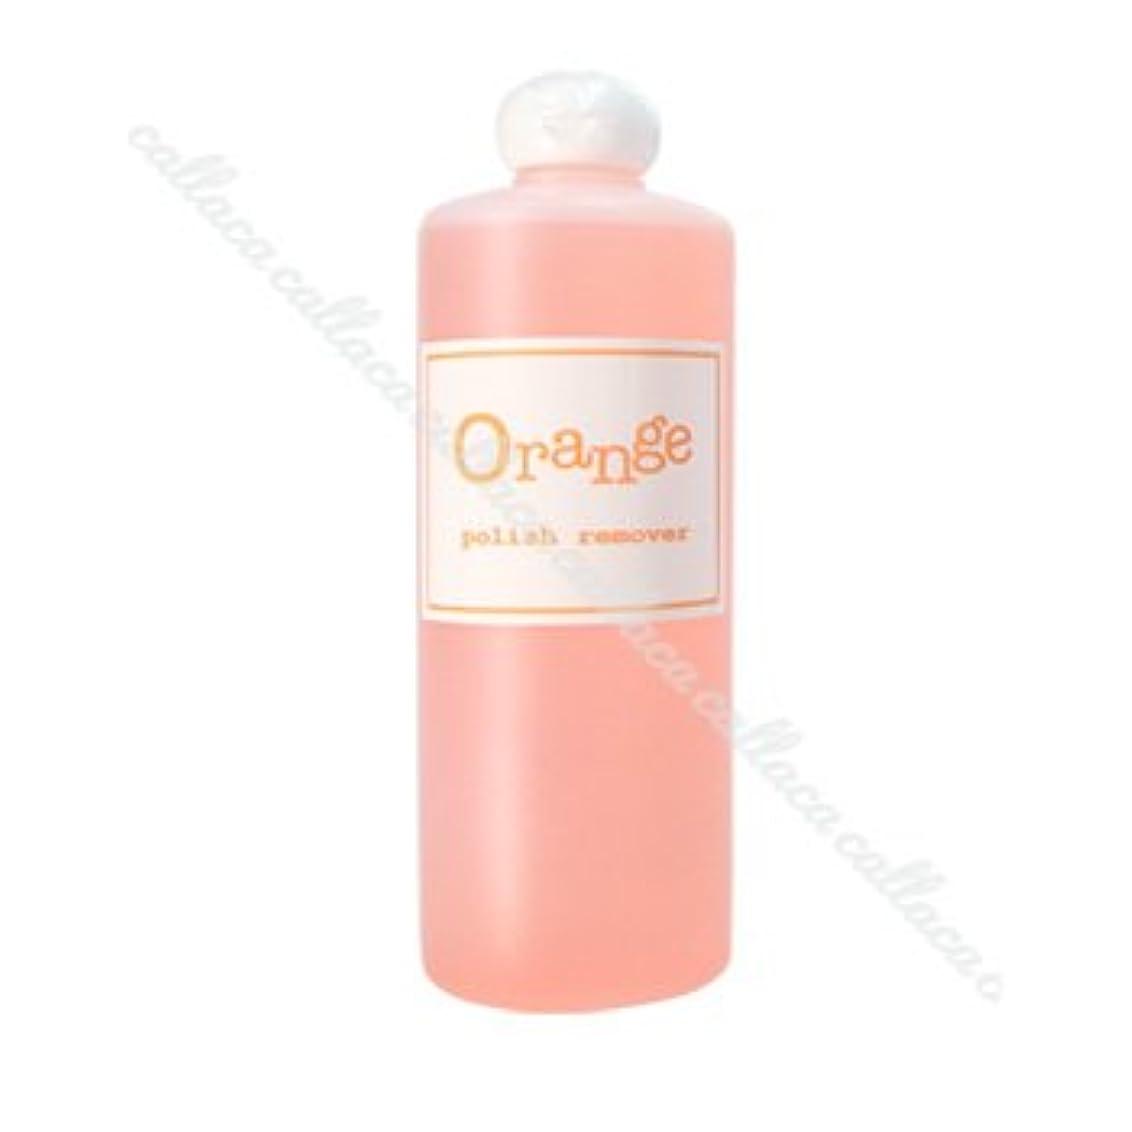 復活花に水をやる雨ORANGE (オレンジ) リムーバー 1000ml